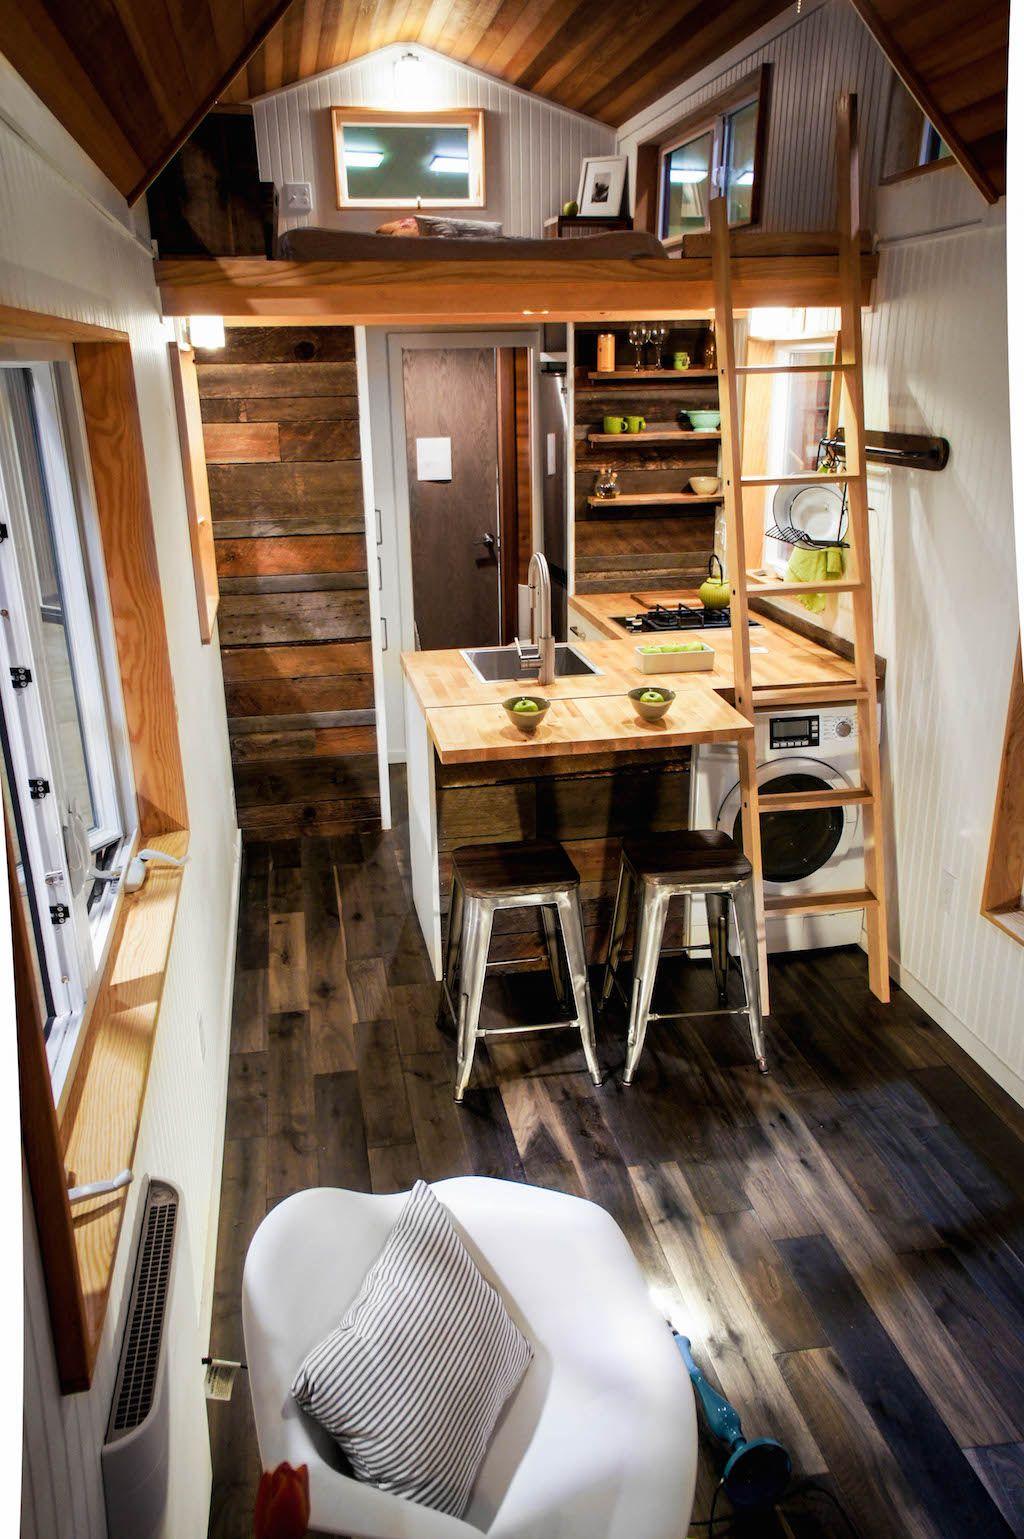 The Kootenay Tiny House On Wheels From Greenleaf Tiny